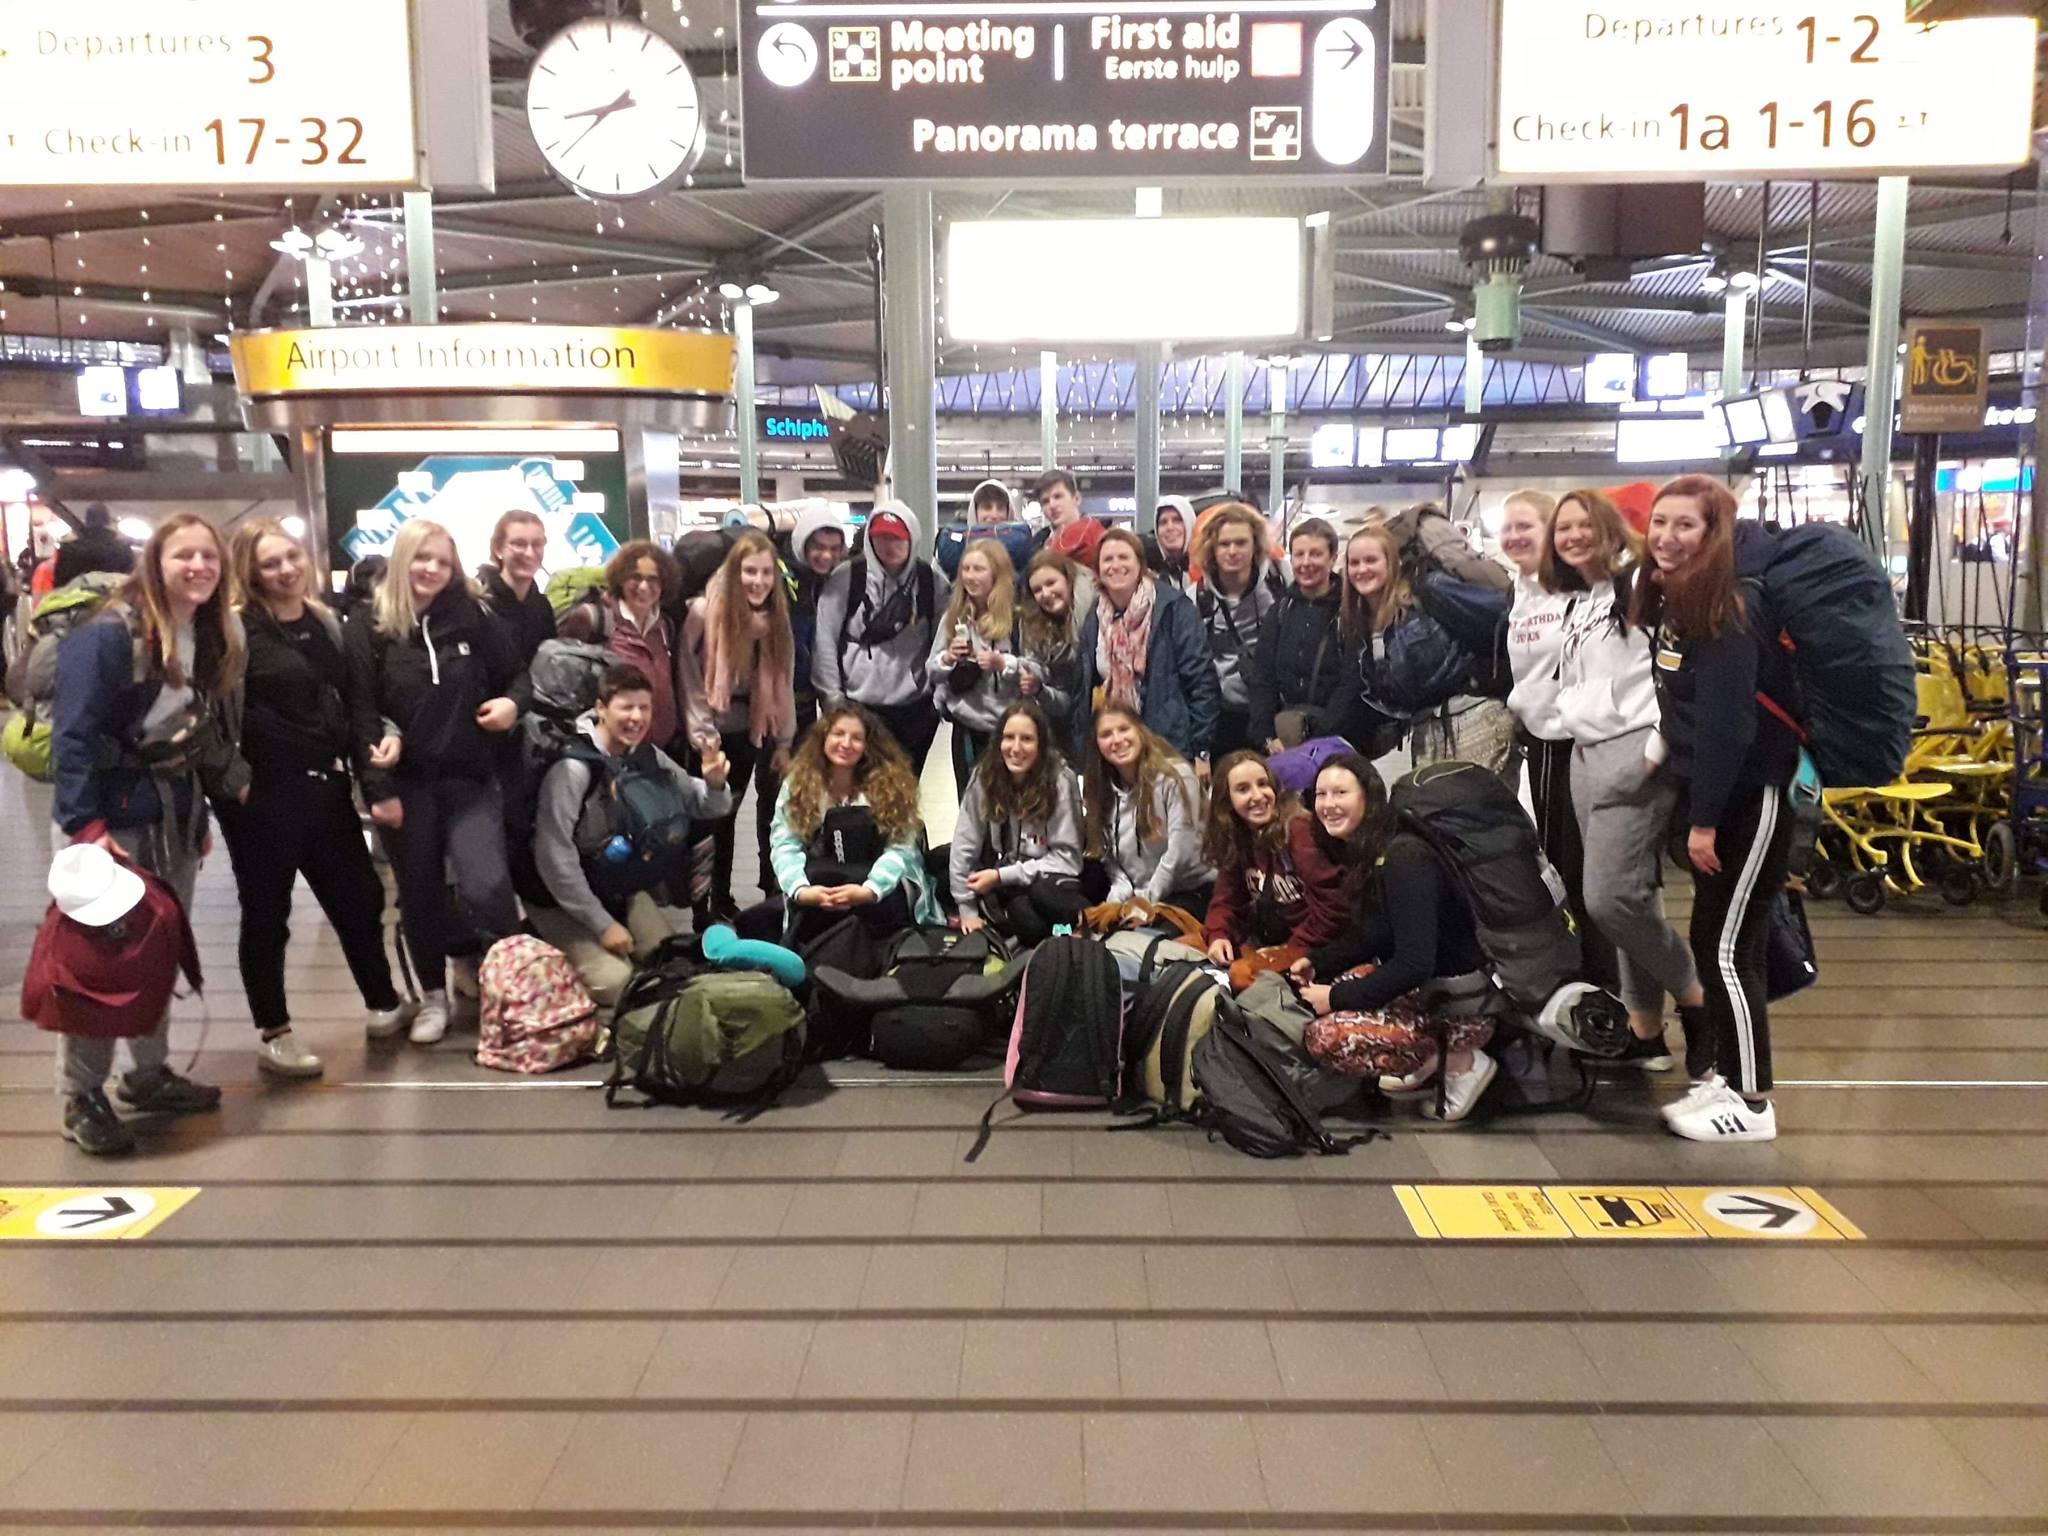 De IJD-delegatie op de luchthaven, vlak voor het vertrek naar Panama/ © Kerknet